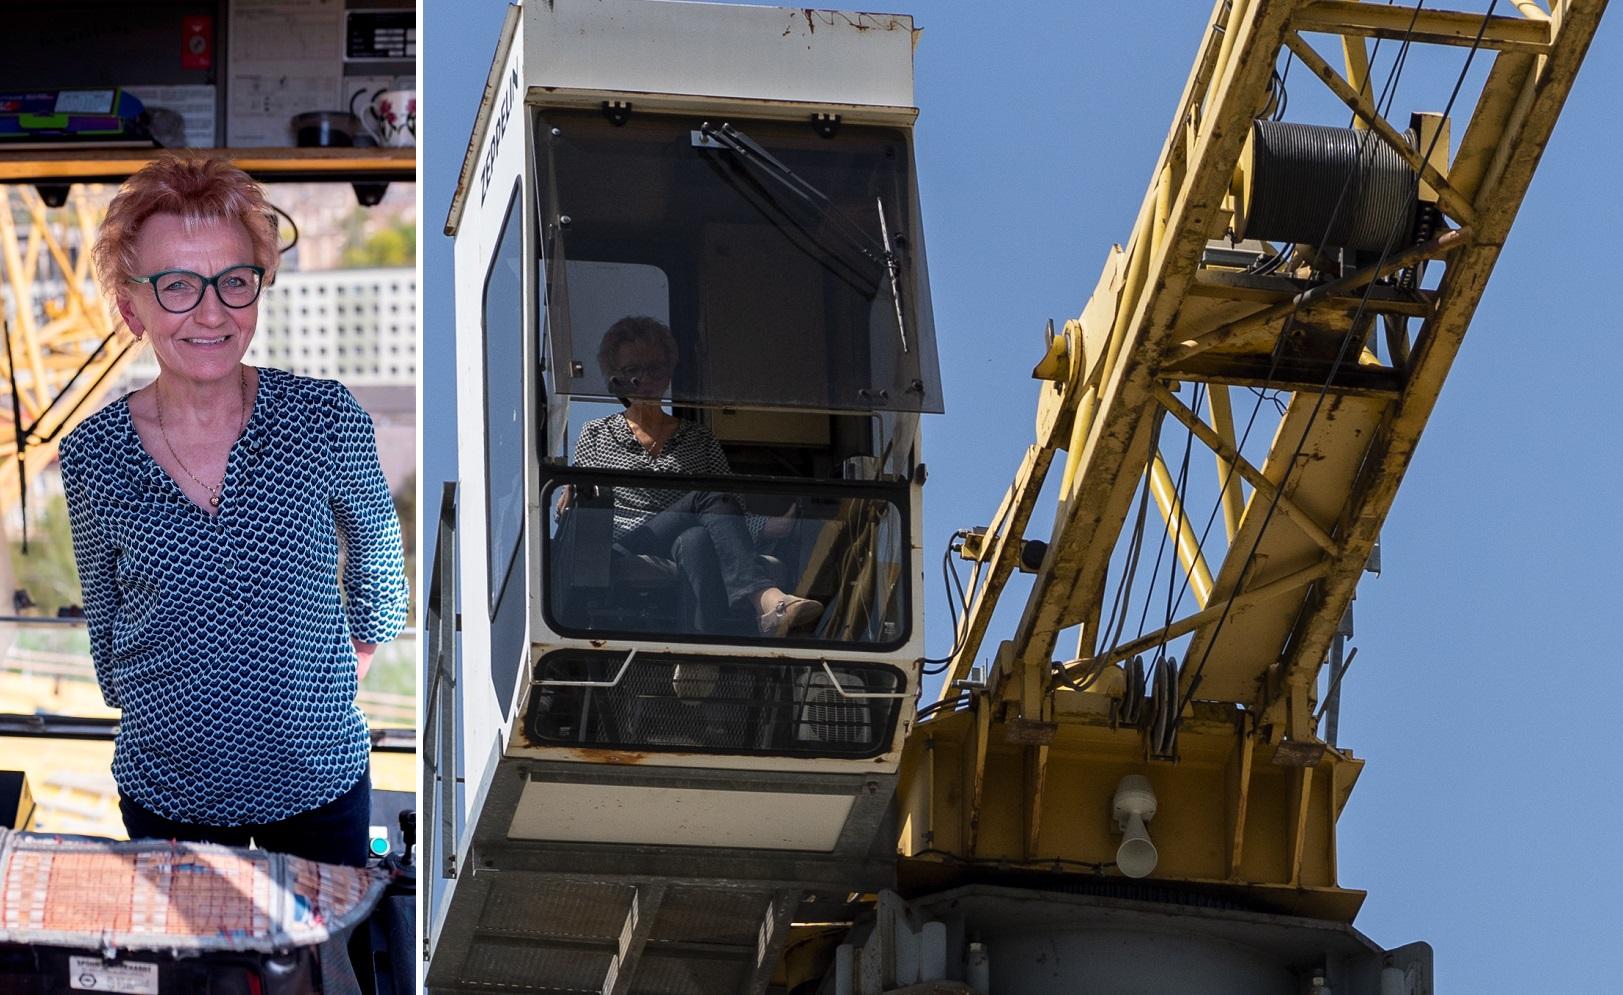 Įkvepiančios istorijos: bokštiniame krane dirbanti Violeta – apie jai patinkantį darbą